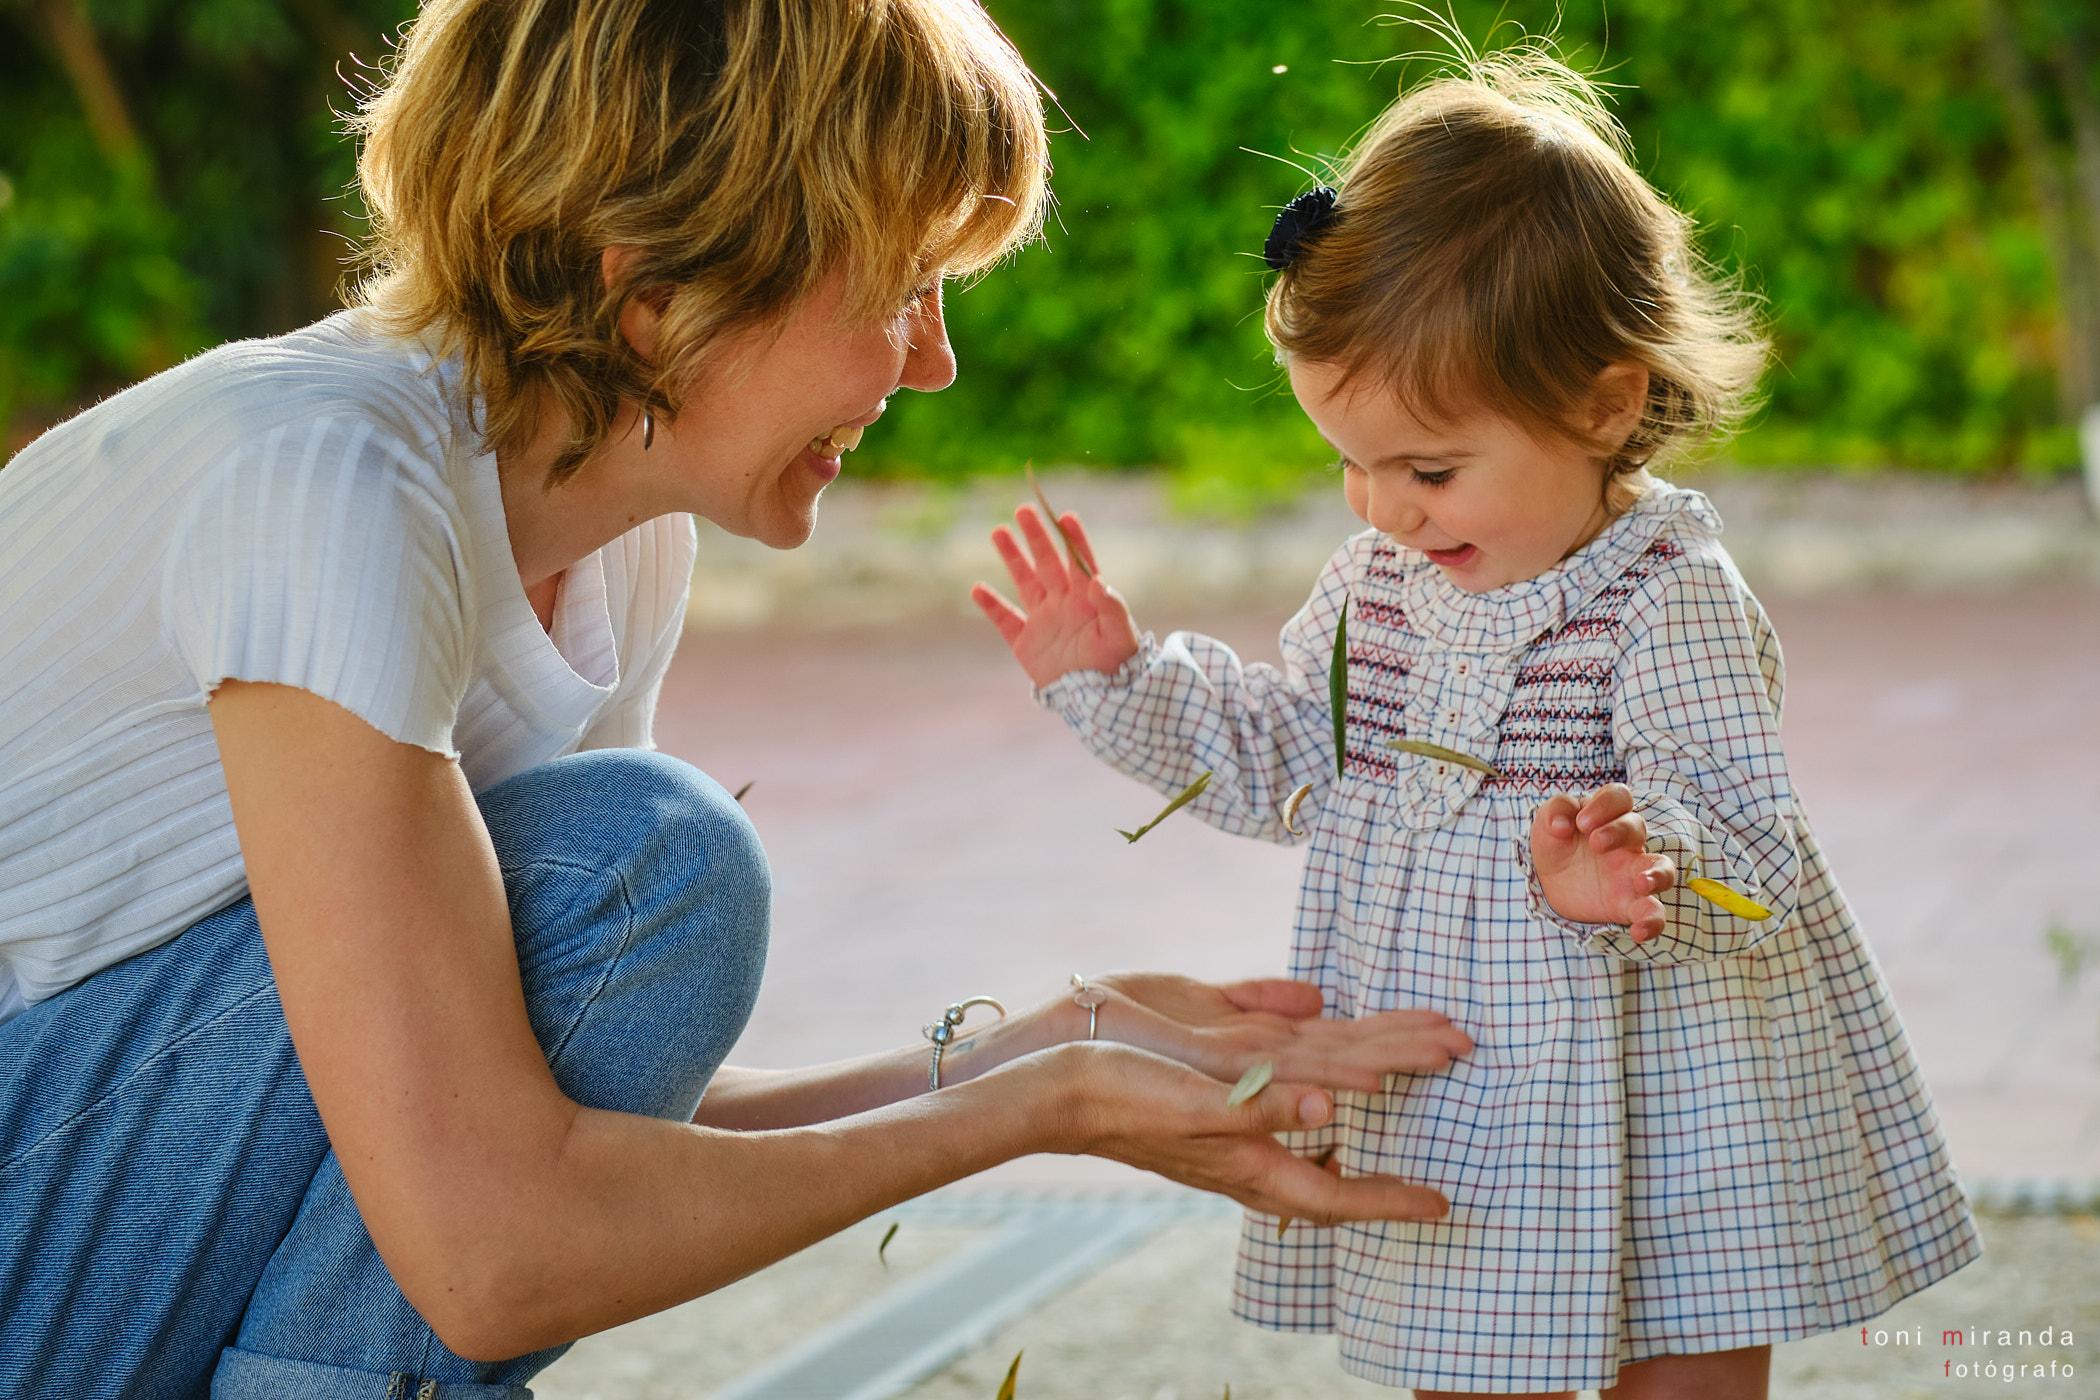 niña riendo en el parque con su madre